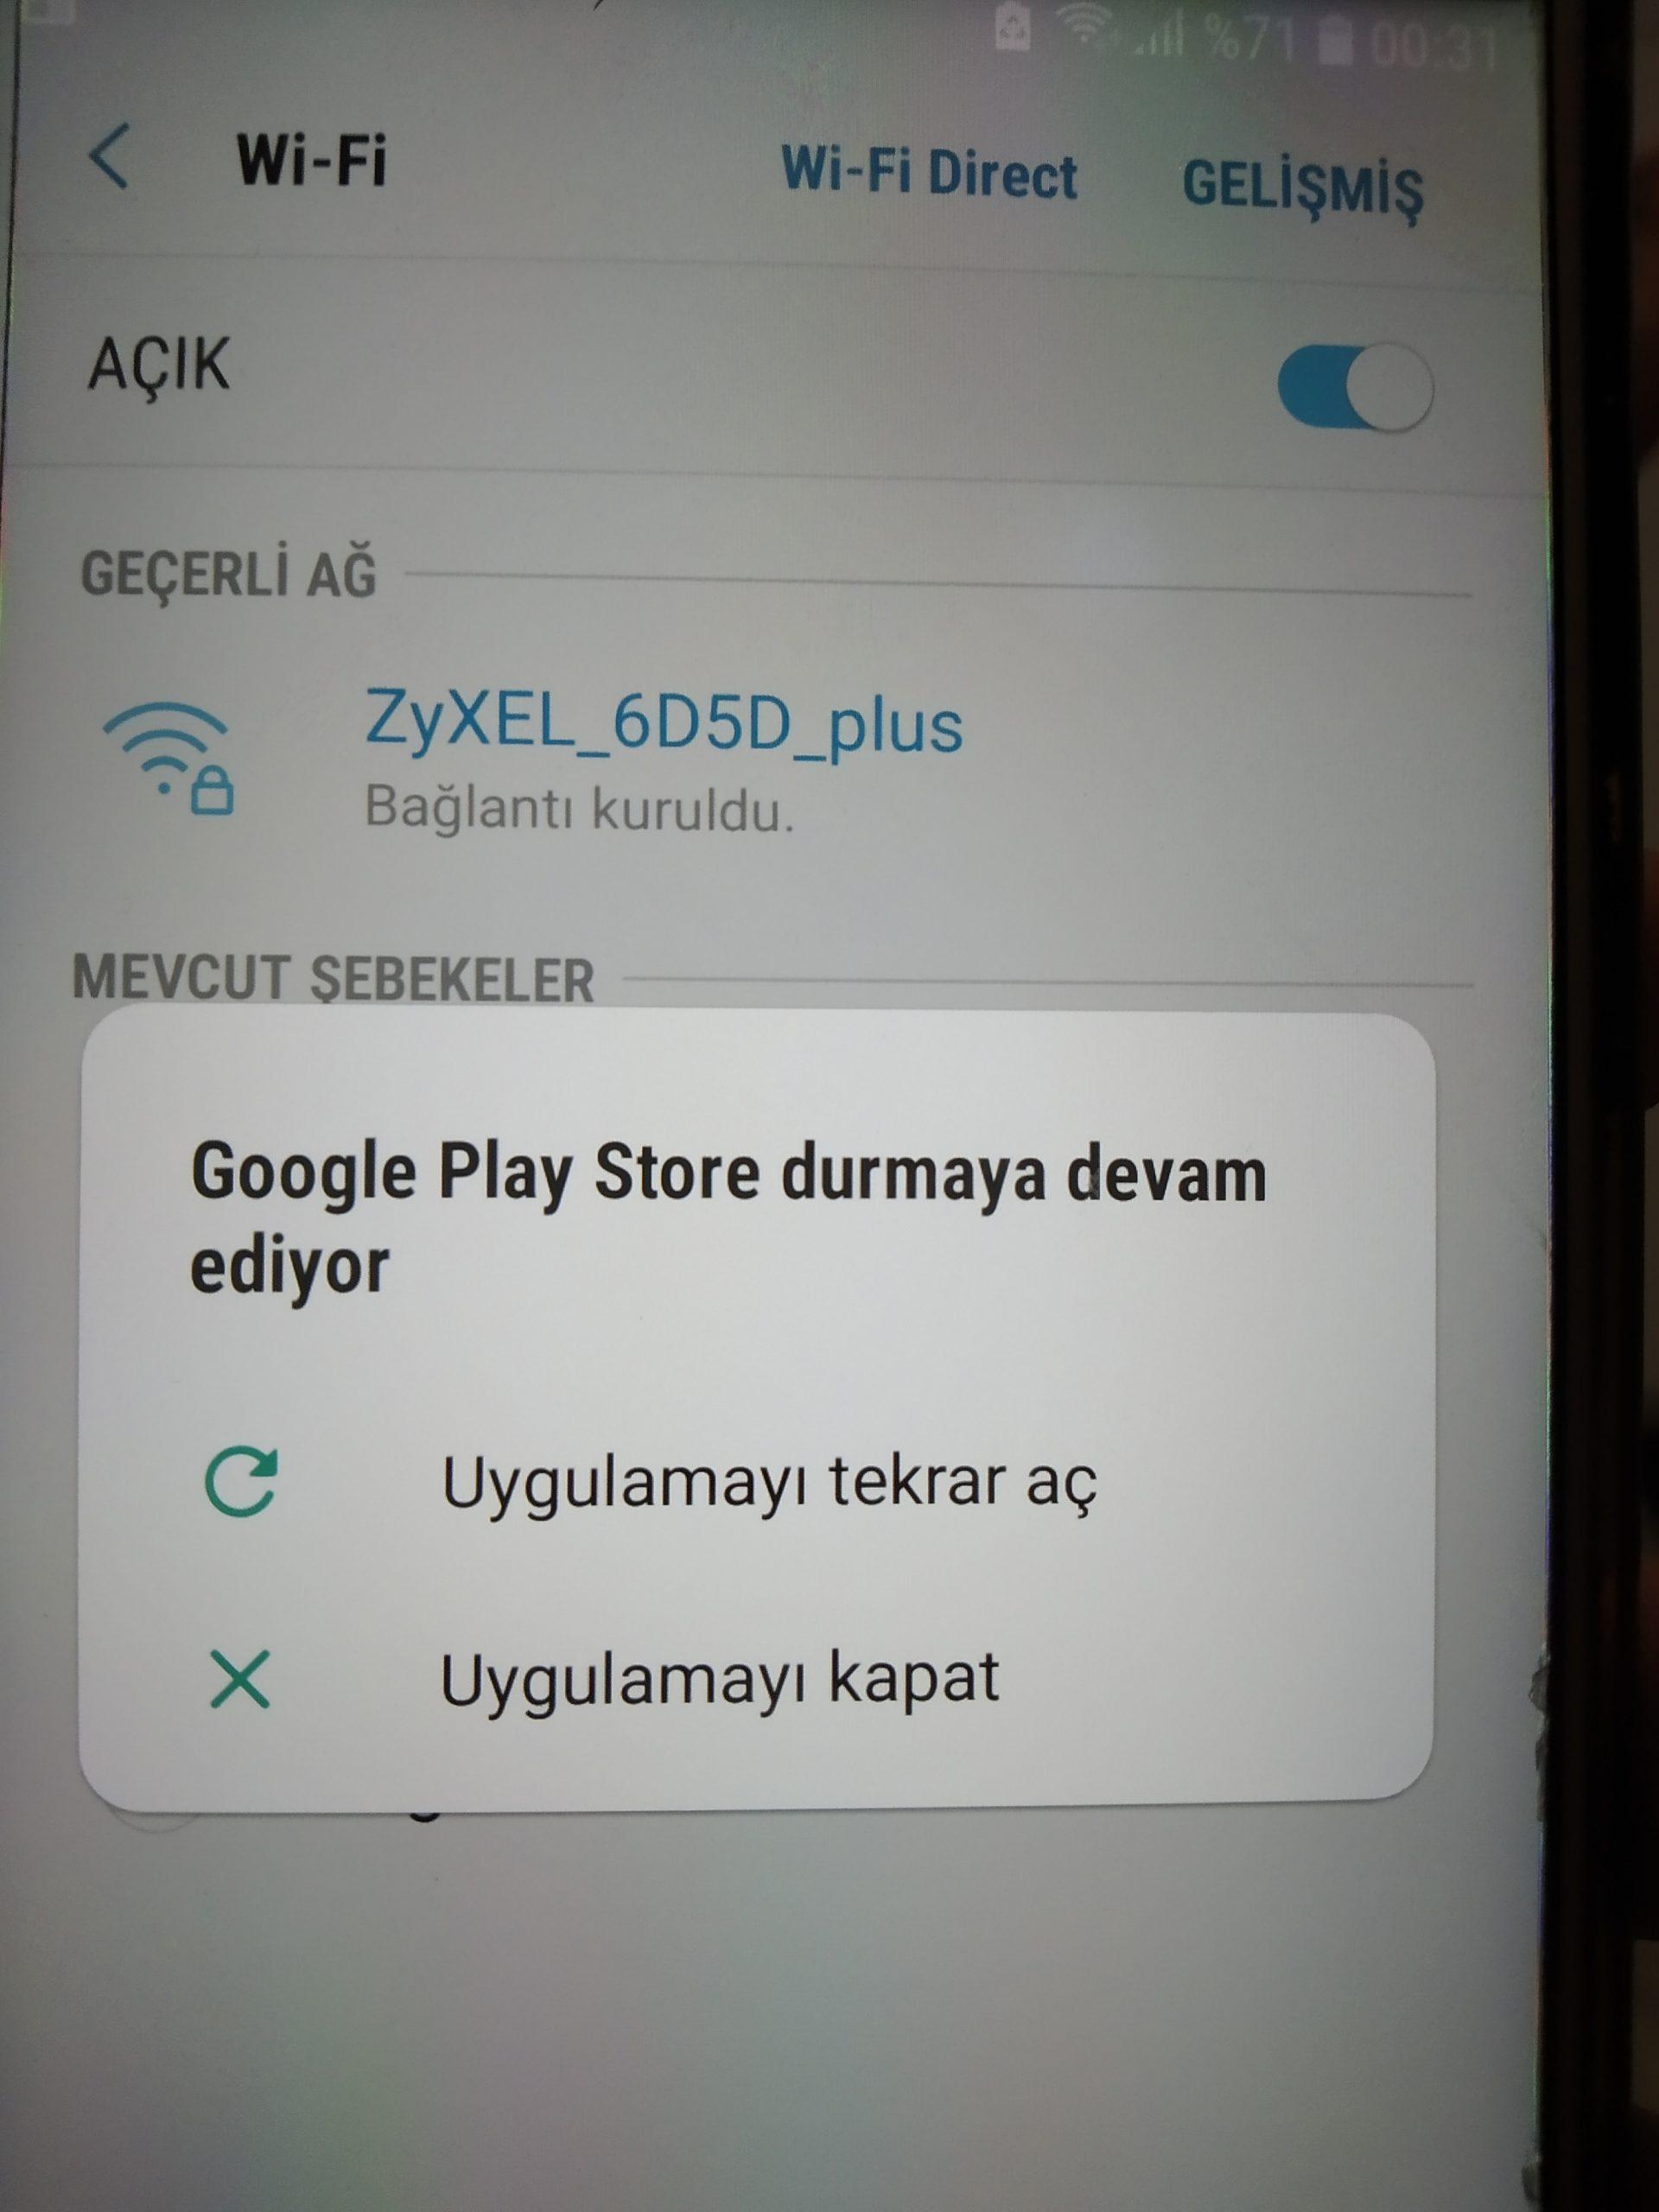 Google play store durmaya devam ediyor